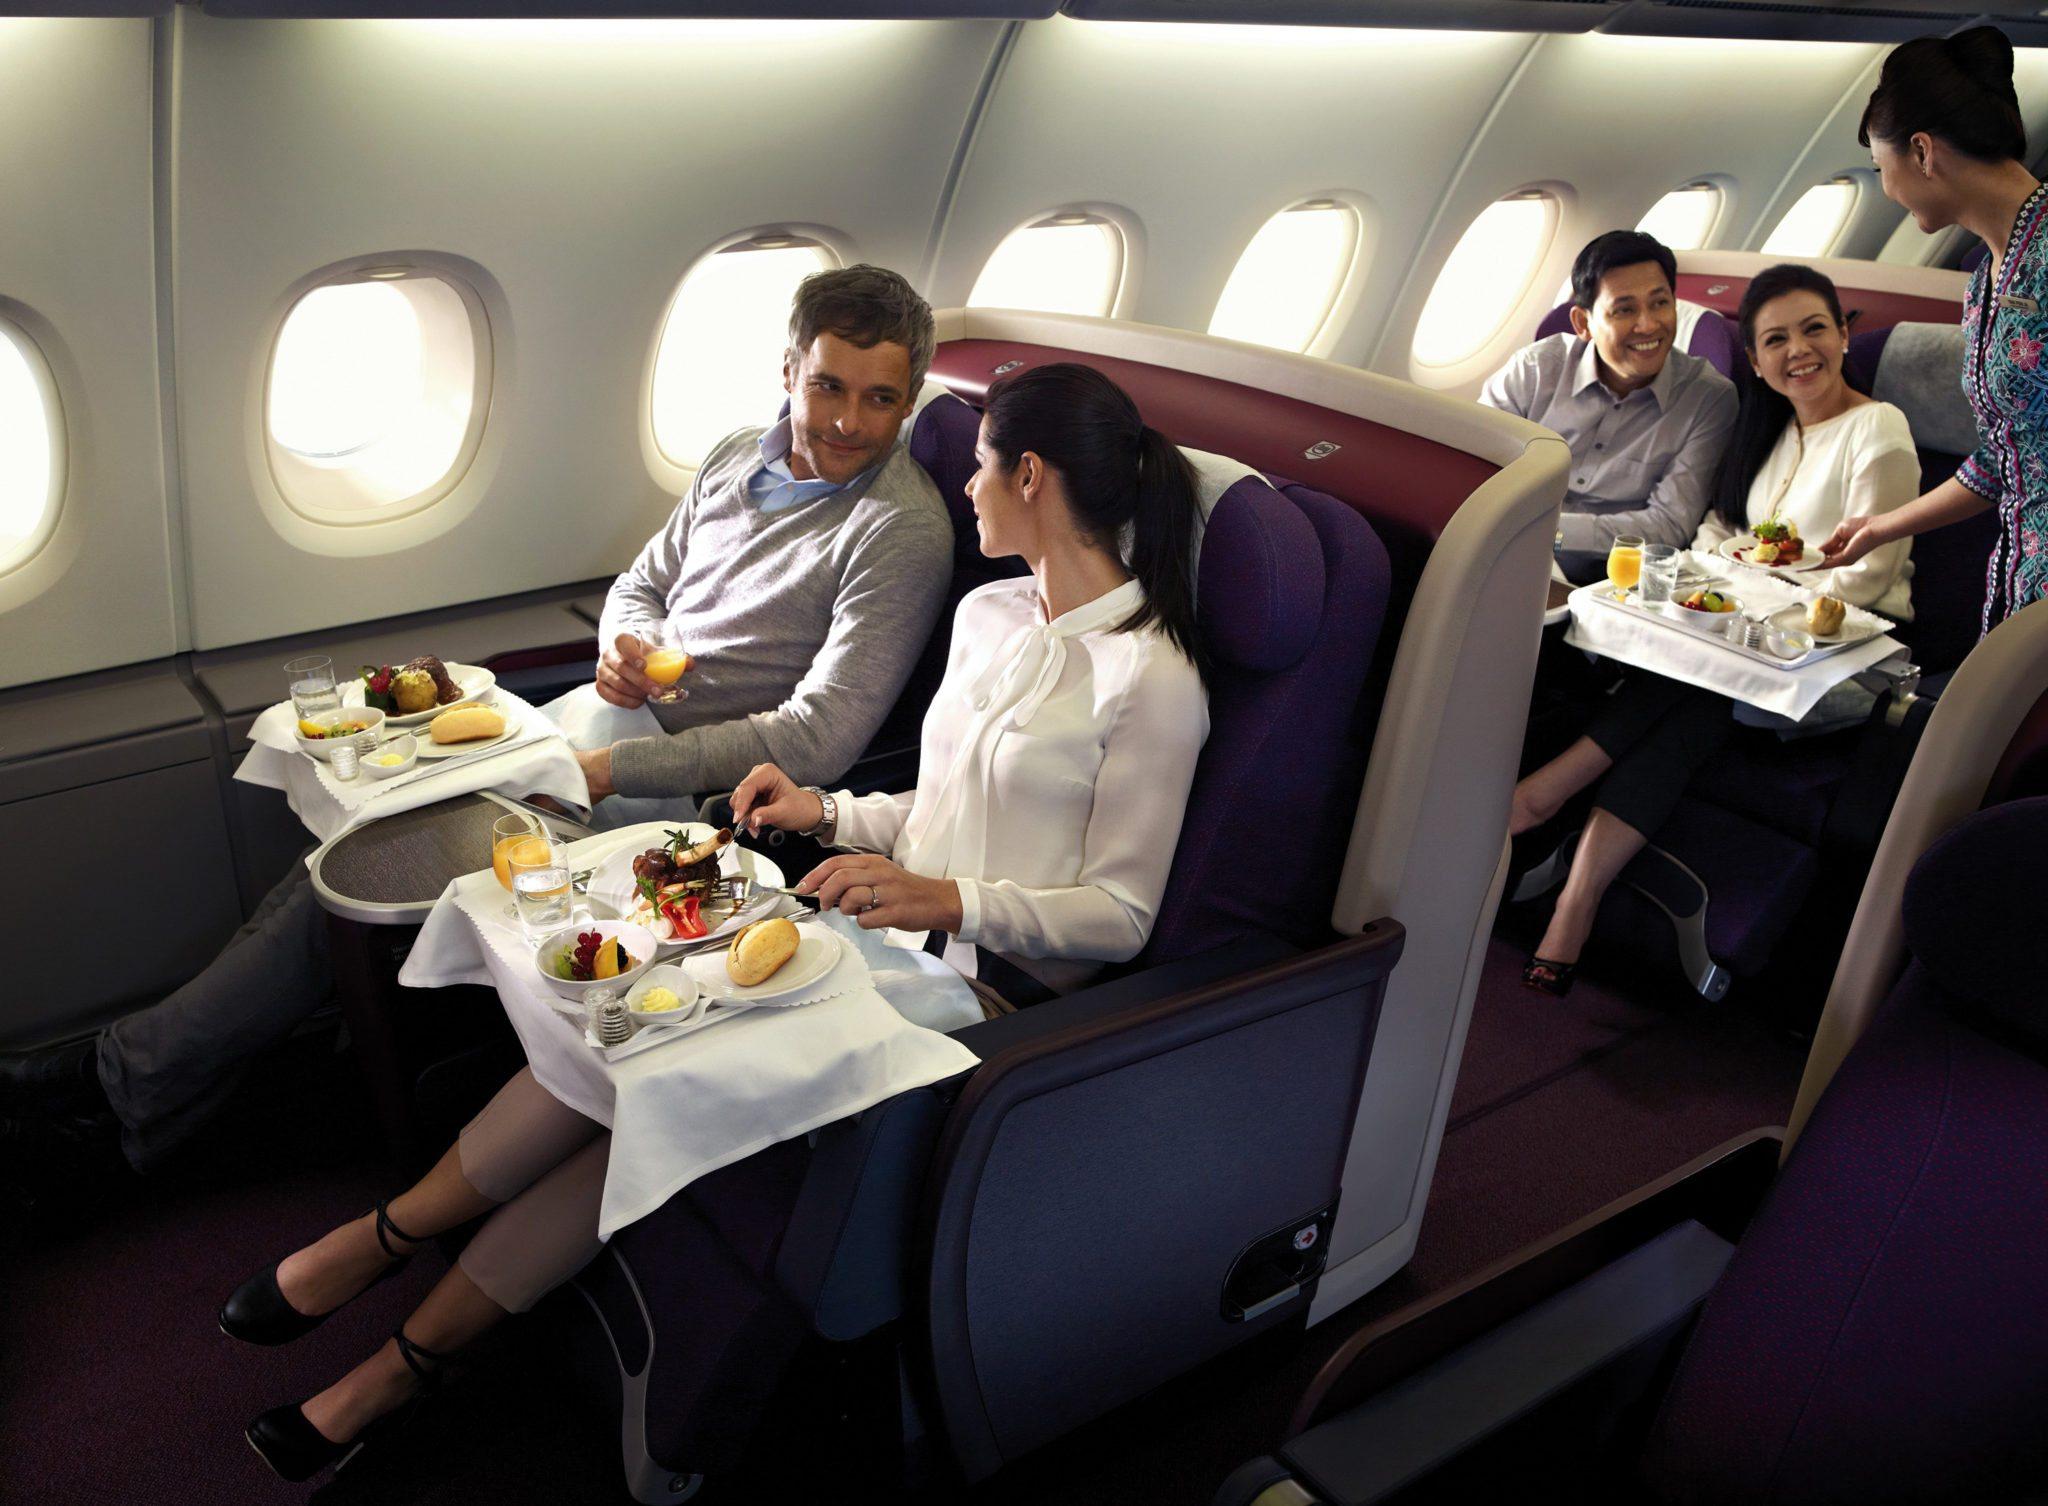 Die interkontinentalen Business-Class-Flüge sollen im kommenden Jahr wieder billiger werden (Foto: MAS)